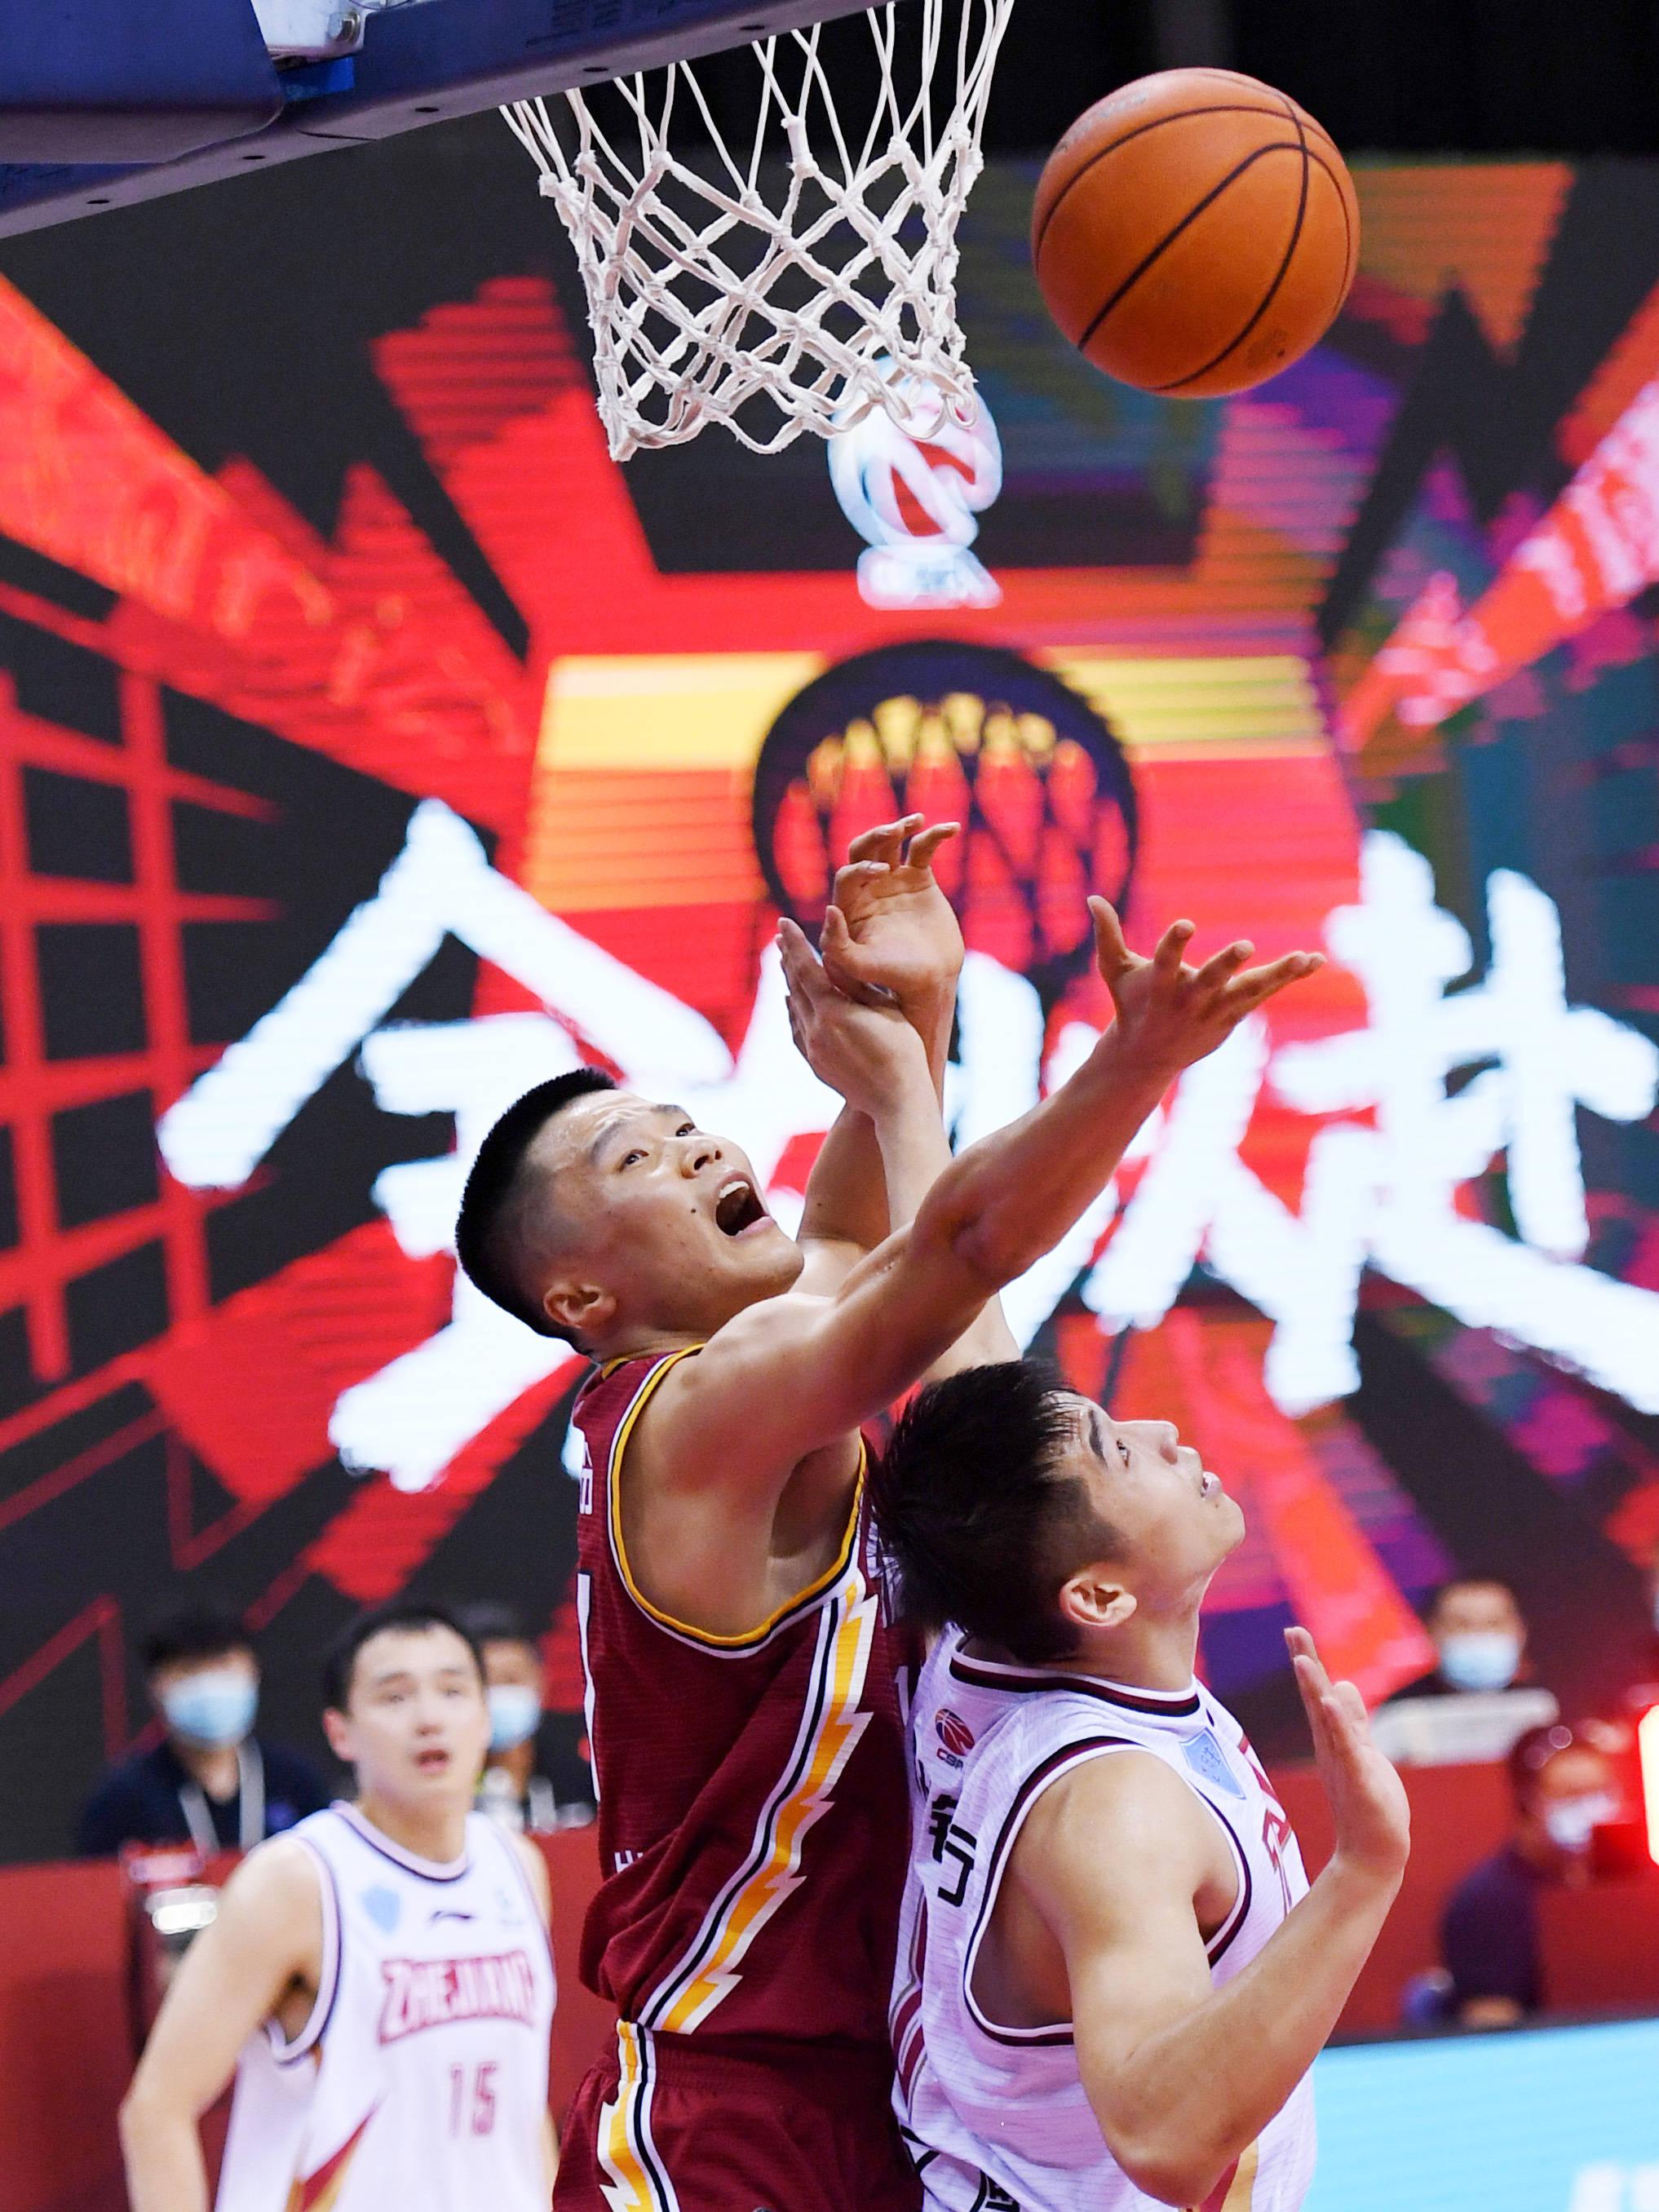 篮球——CBA复赛第二阶段:浙江稠州银行胜山西汾酒股份